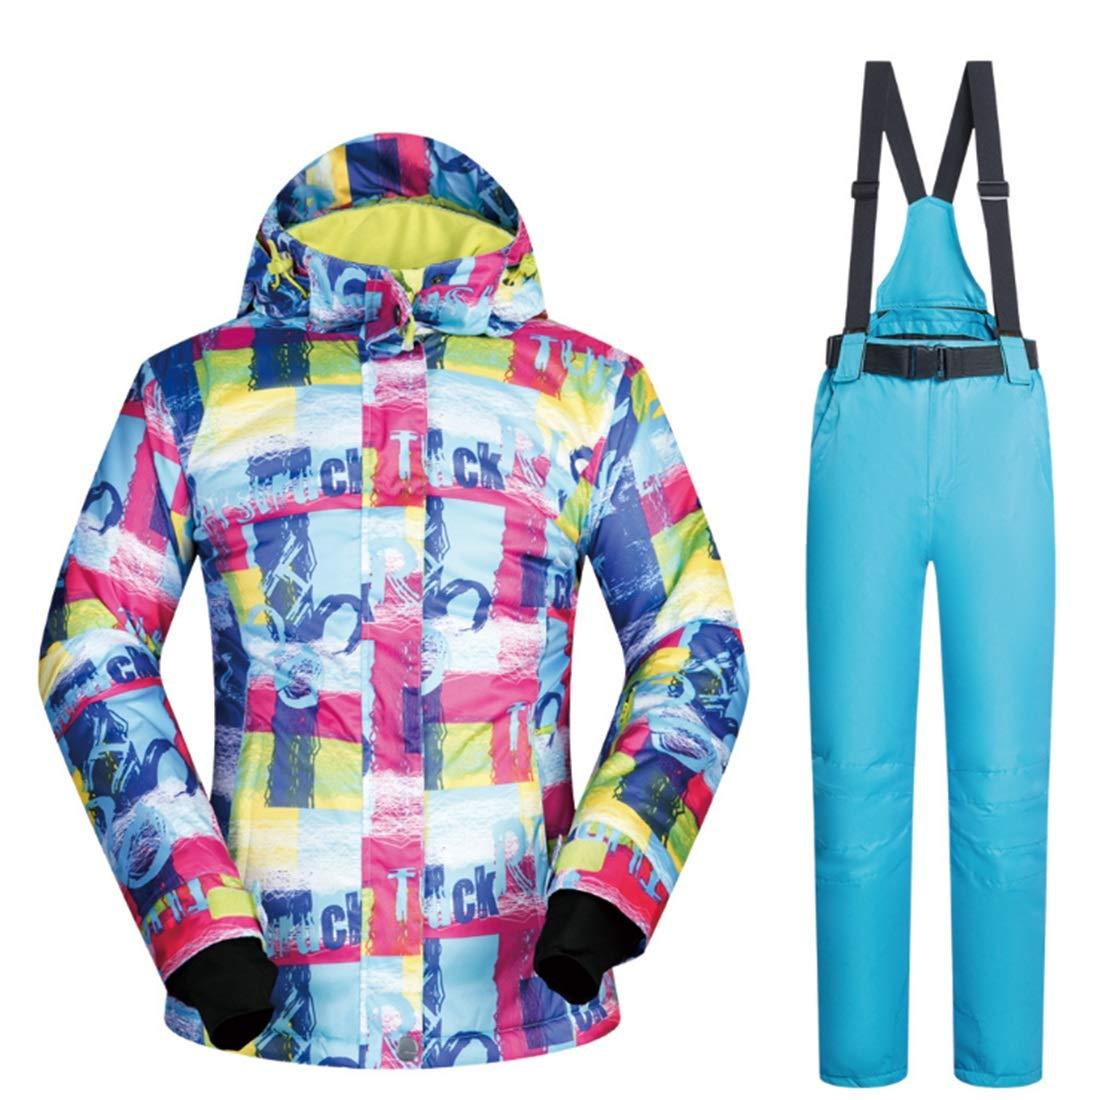 Klerokoh Giacca da da da Sci da Donna Impermeabile da Snowboard Antivento per l'escursionismo all'aperto (Coloree   02, Dimensione   M)B07KQ5X9BNM 05 | Prezzo economico  | Grande Svendita  | Prima qualità  | Il Più Economico  | Prezzo Moderato  | Convenien 9a33d8